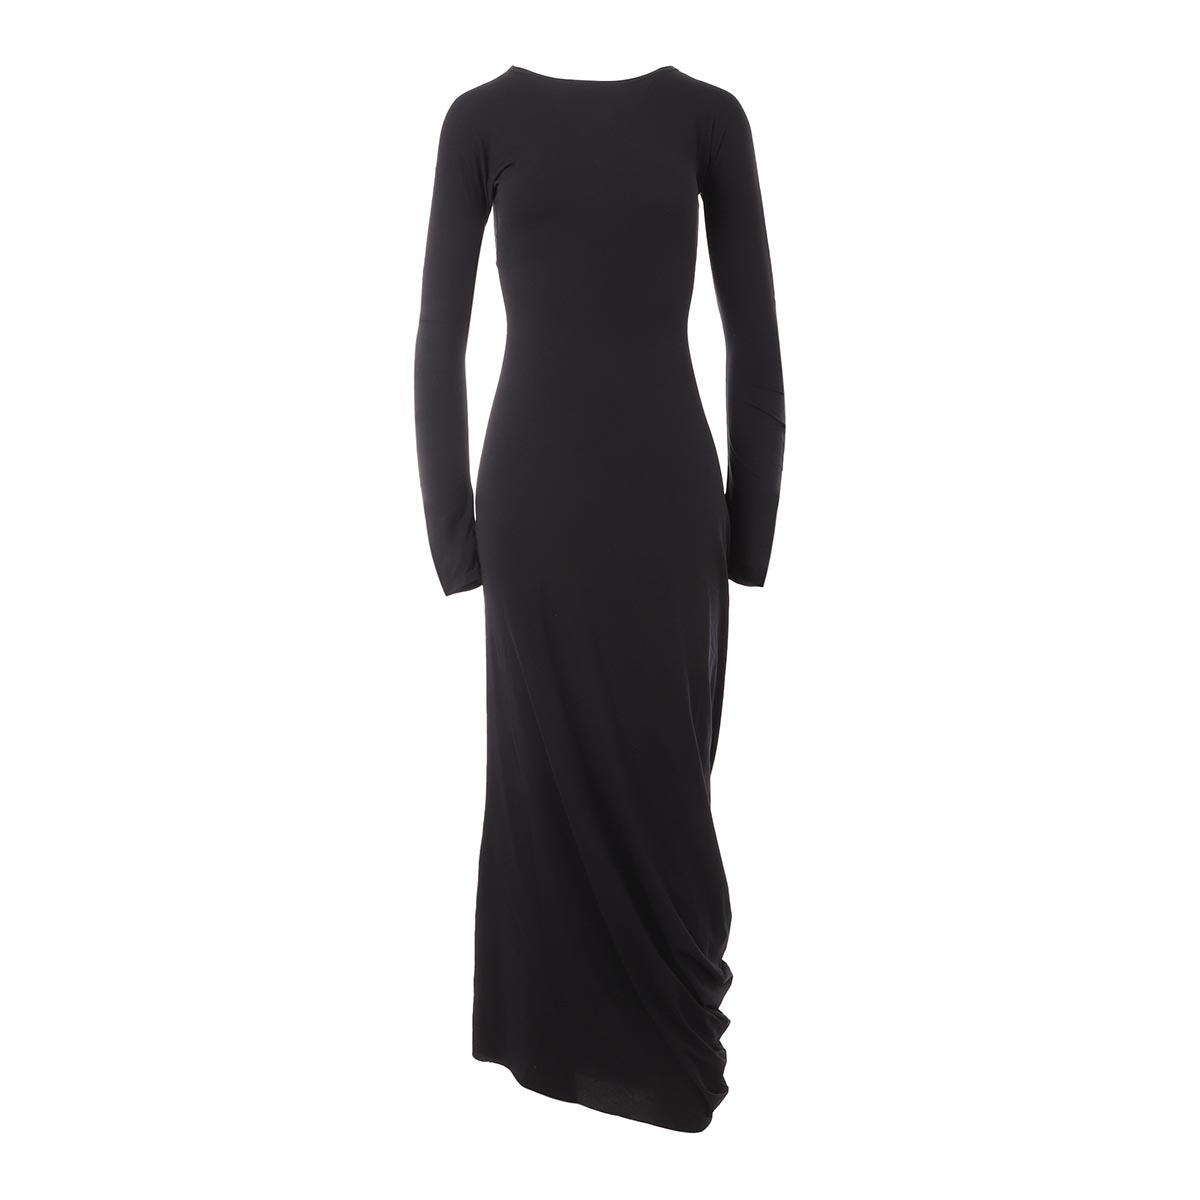 Maison Margiela メゾンマルジェラ ワンピース/ドレス【大きいサイズあり】 レディース